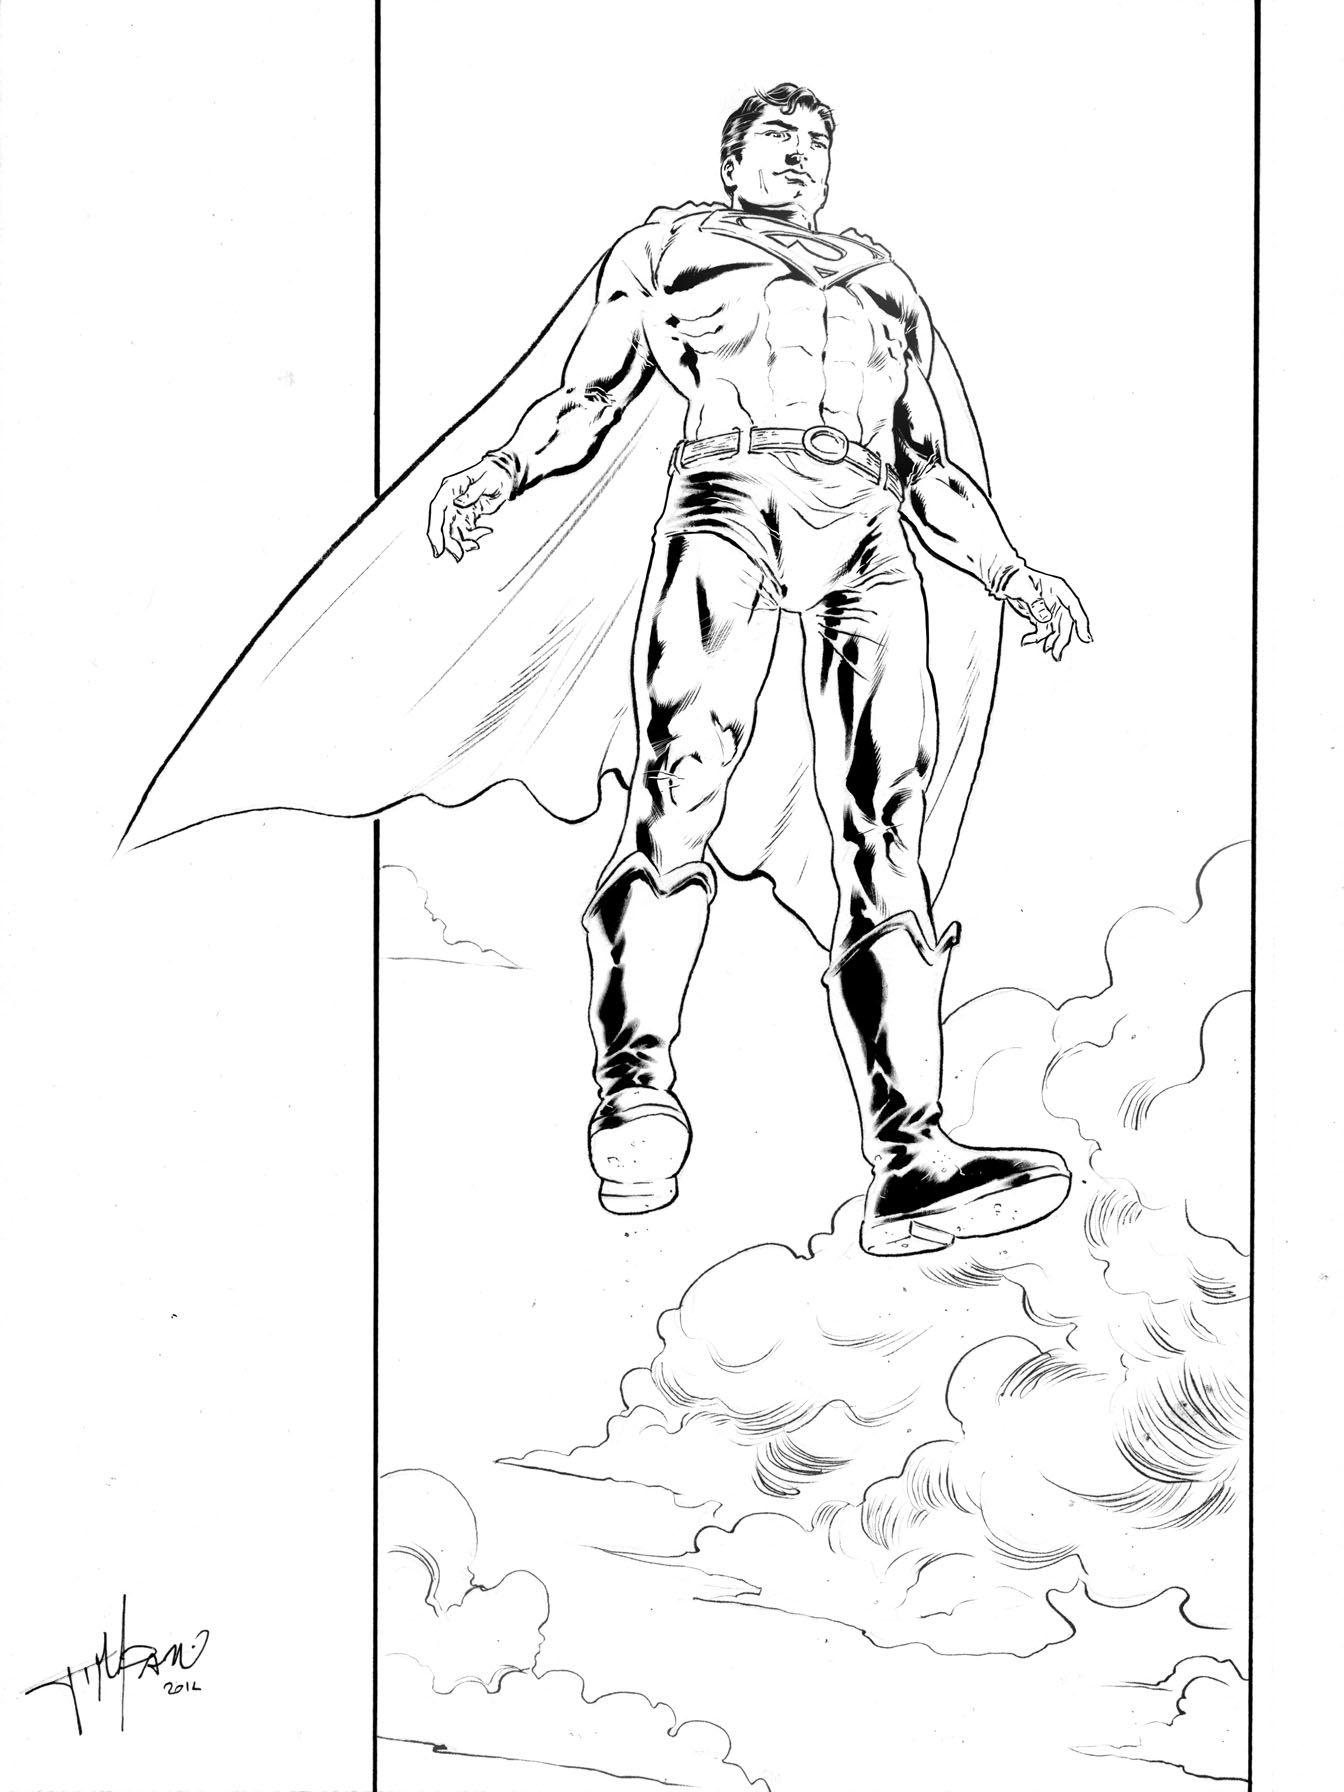 Superman pin-up